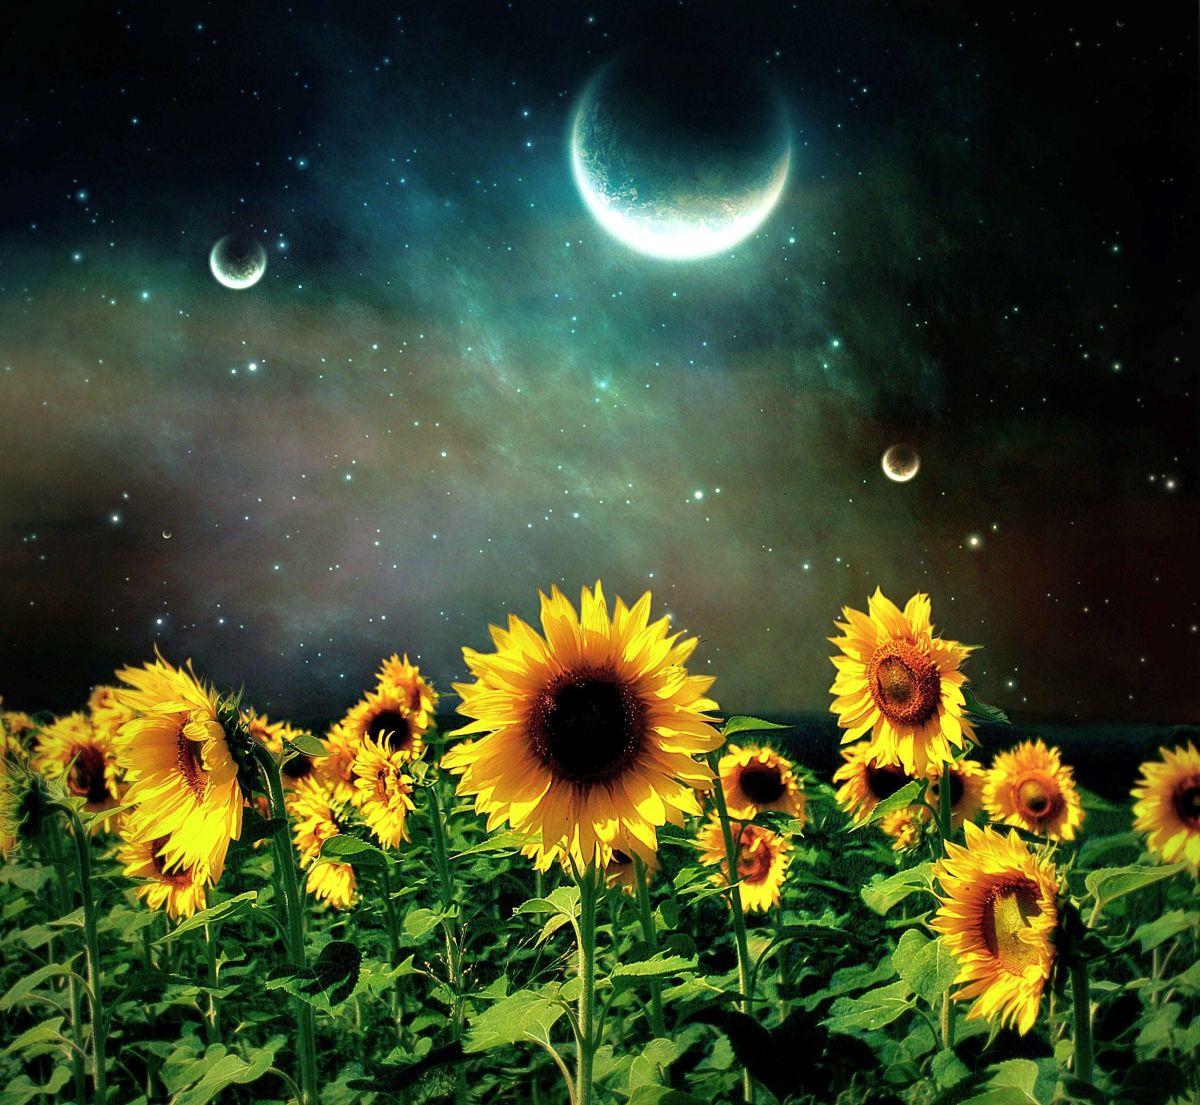 Sunflower's Moon